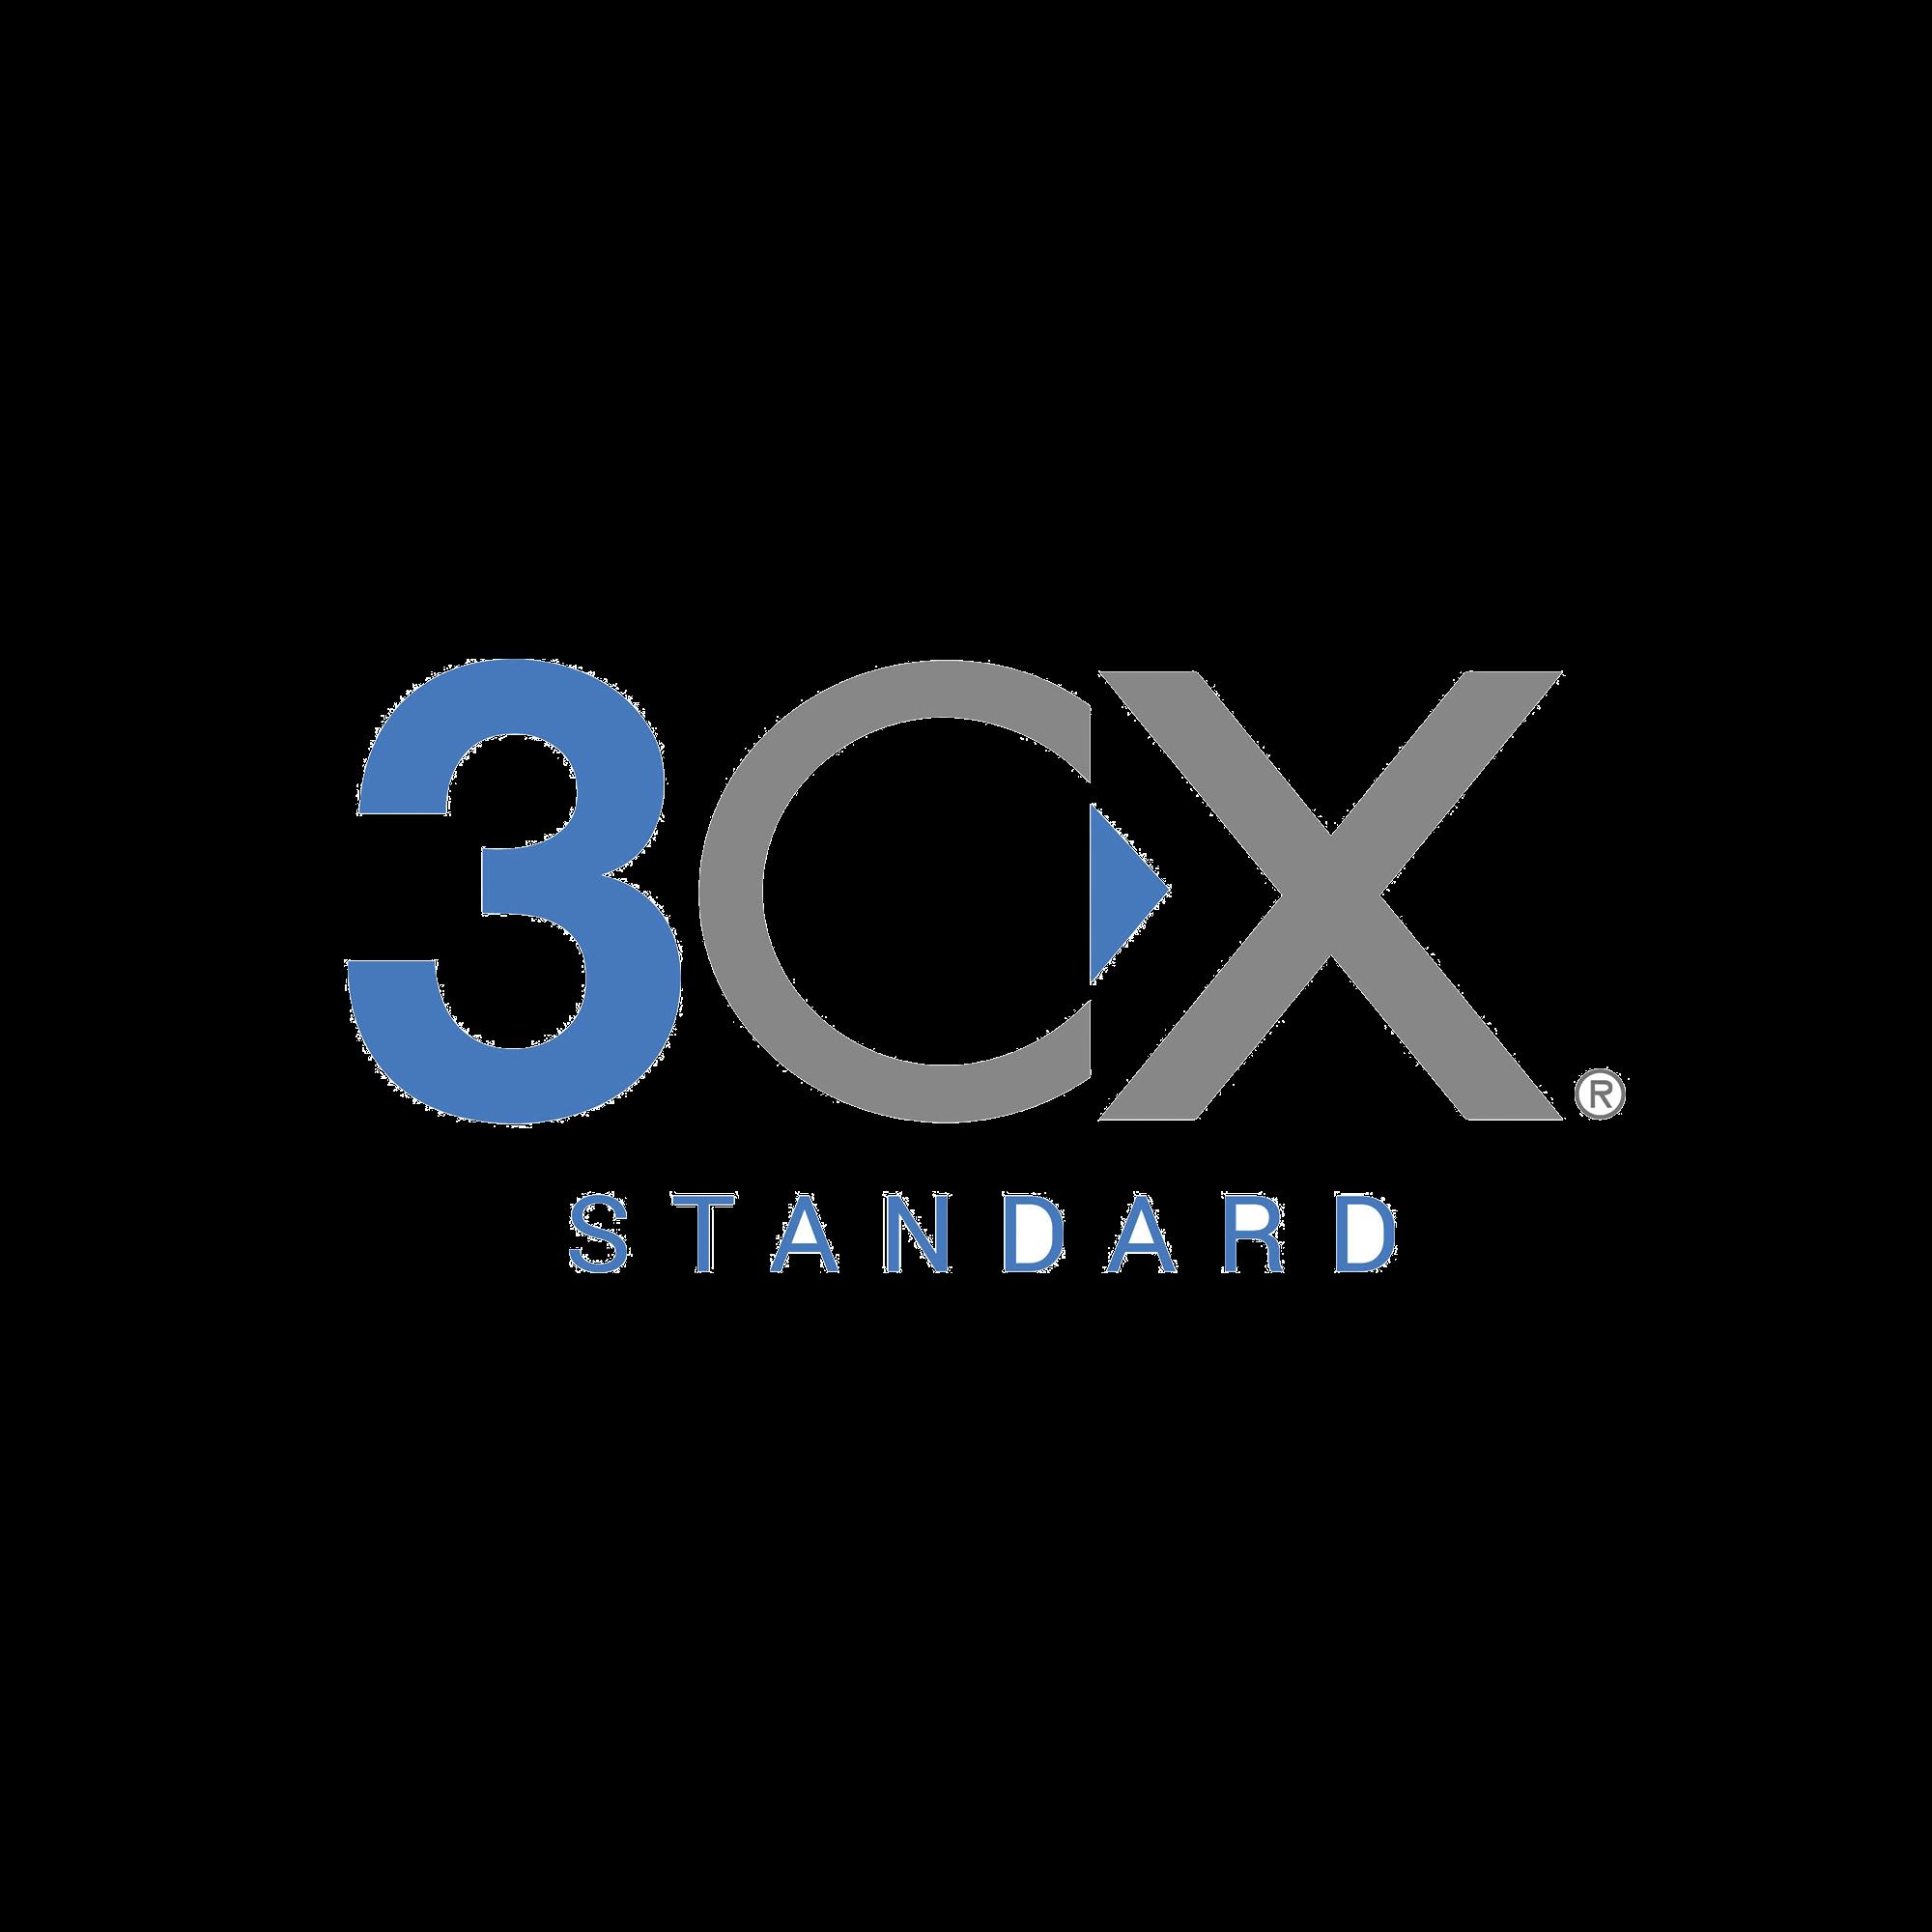 Licencia anual de 3CX Standard para 8 llamadas simultáneas y extensiones ilimitadas